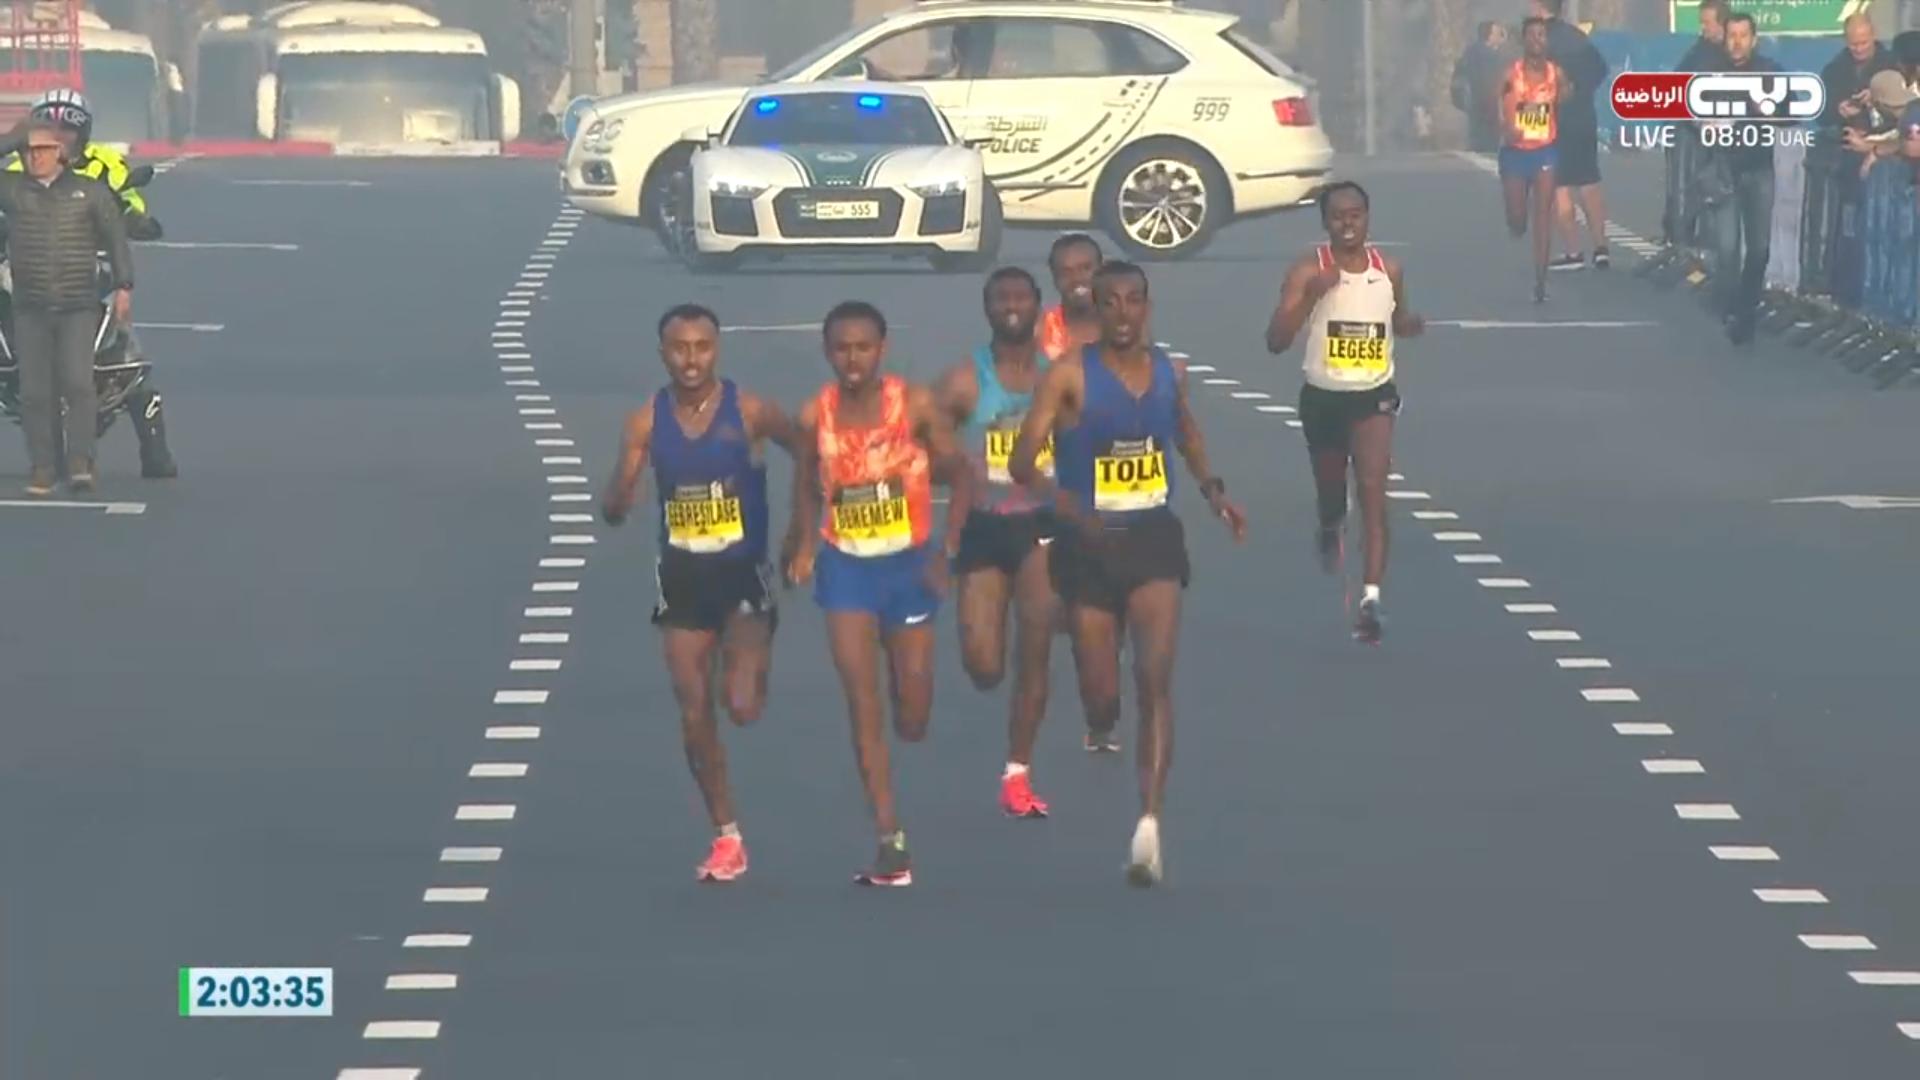 モジネット・ゲレメウとロザ・デレジェが2018ドバイマラソンを制する ...